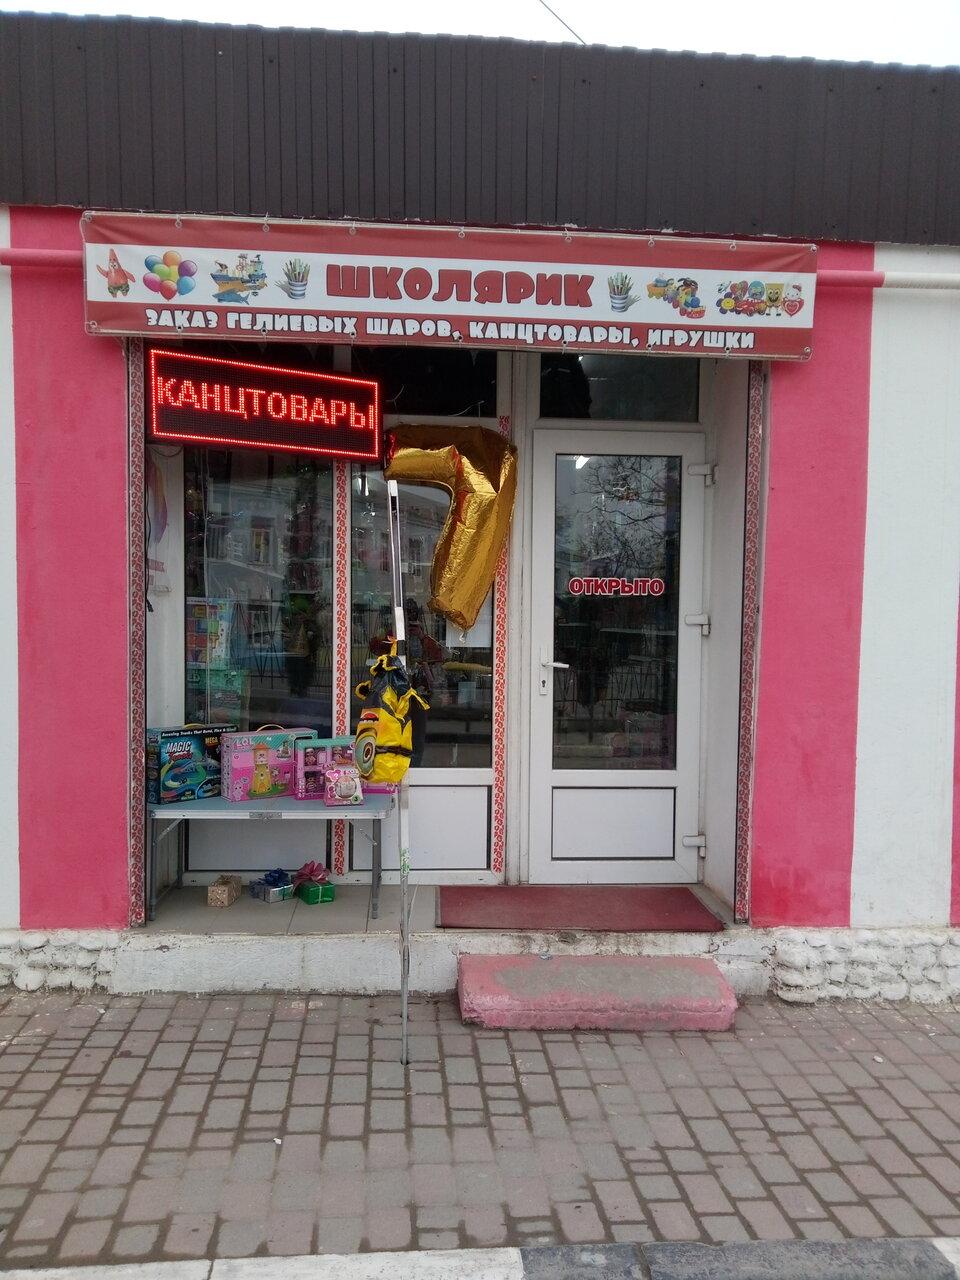 Школярик магазин картинки